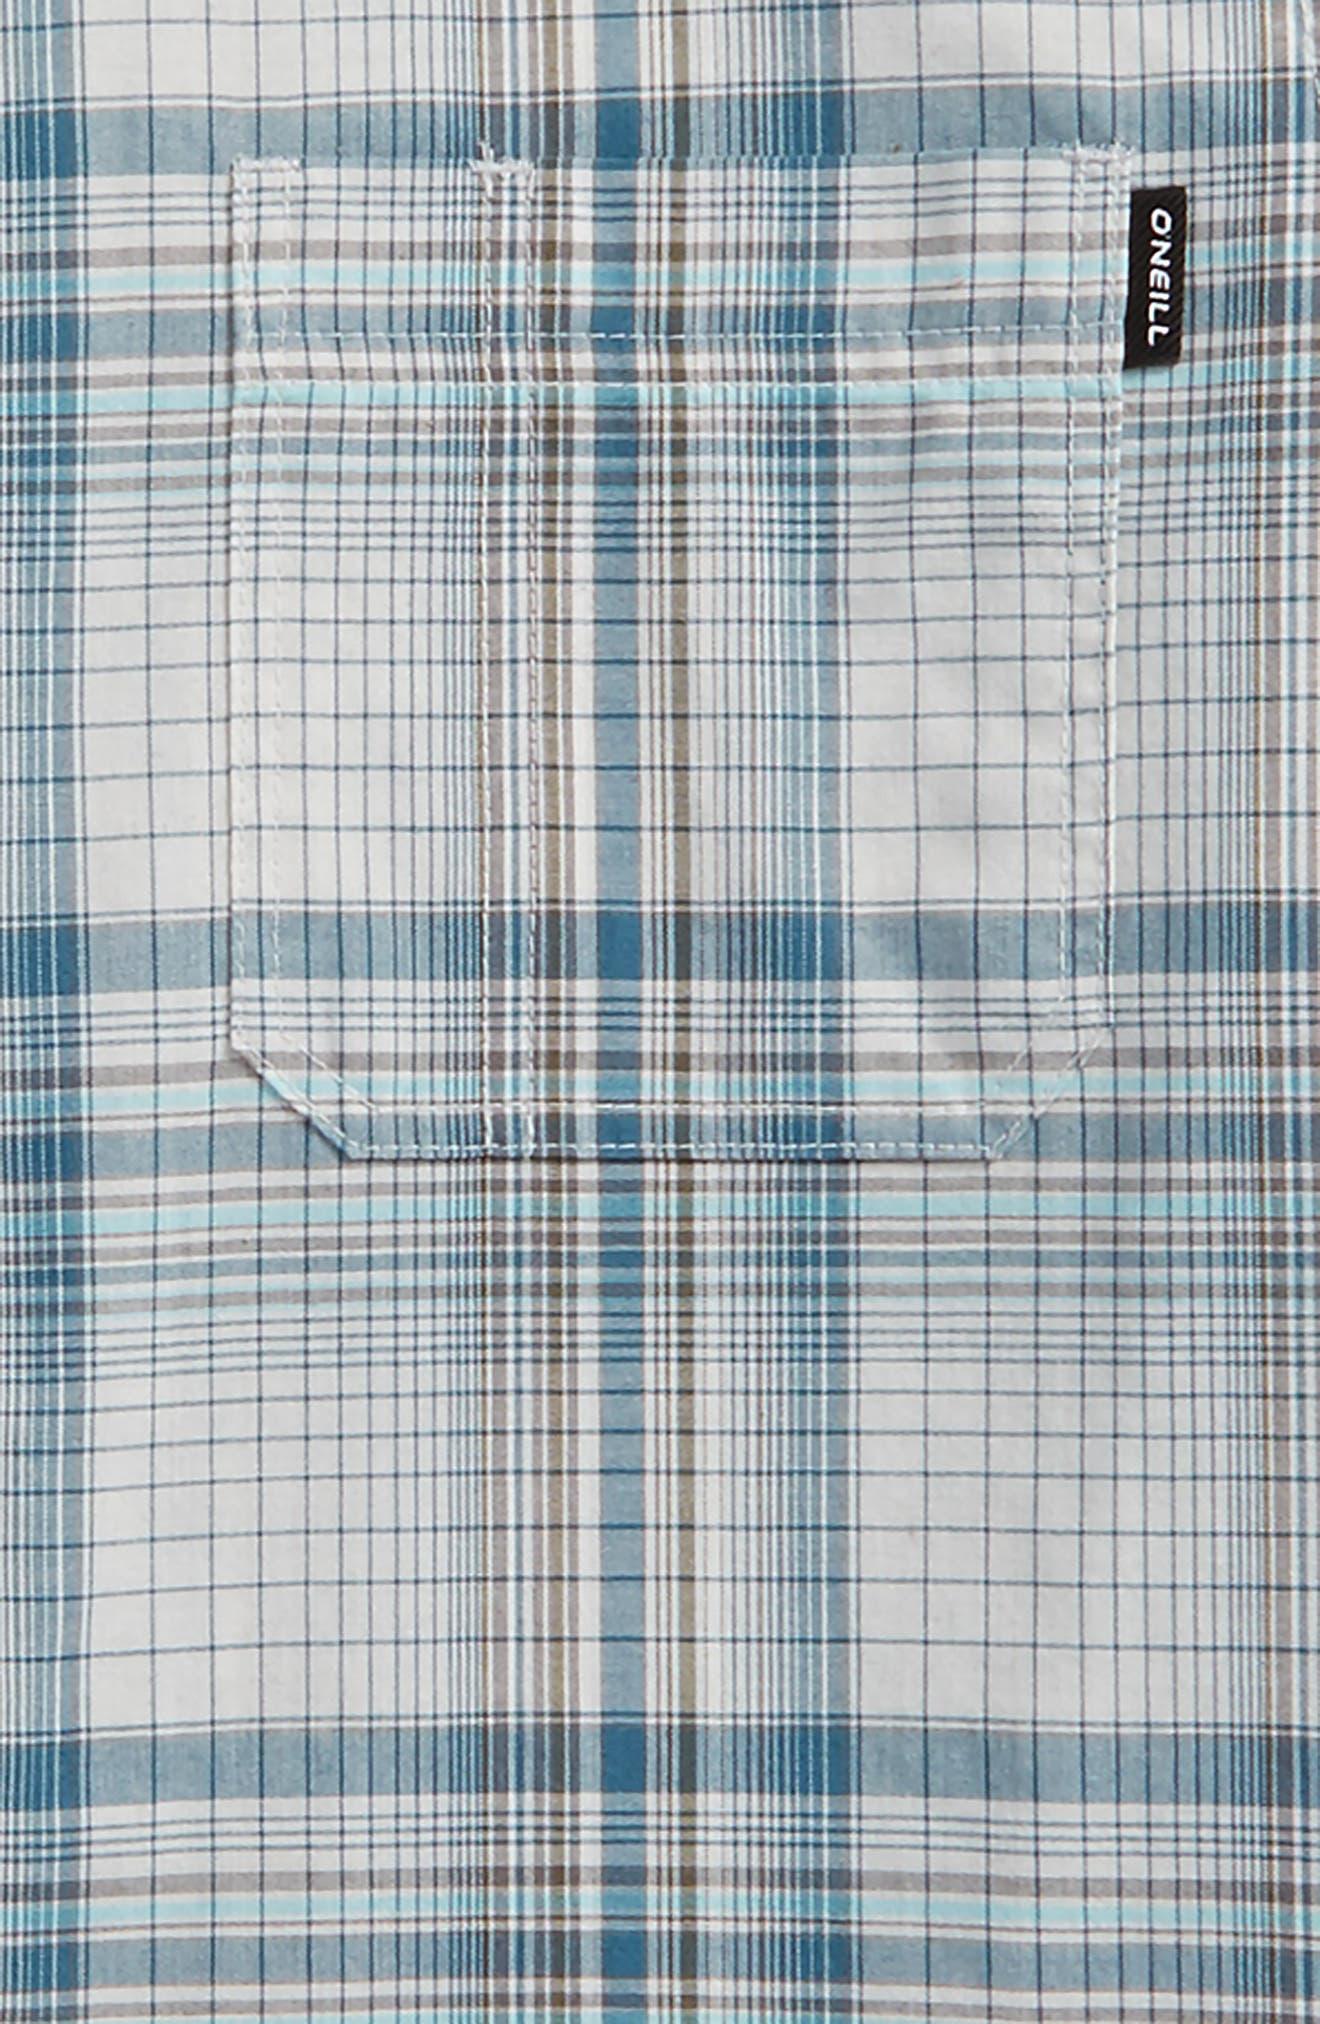 Sturghill Plaid Woven Shirt,                             Alternate thumbnail 2, color,                             Fog